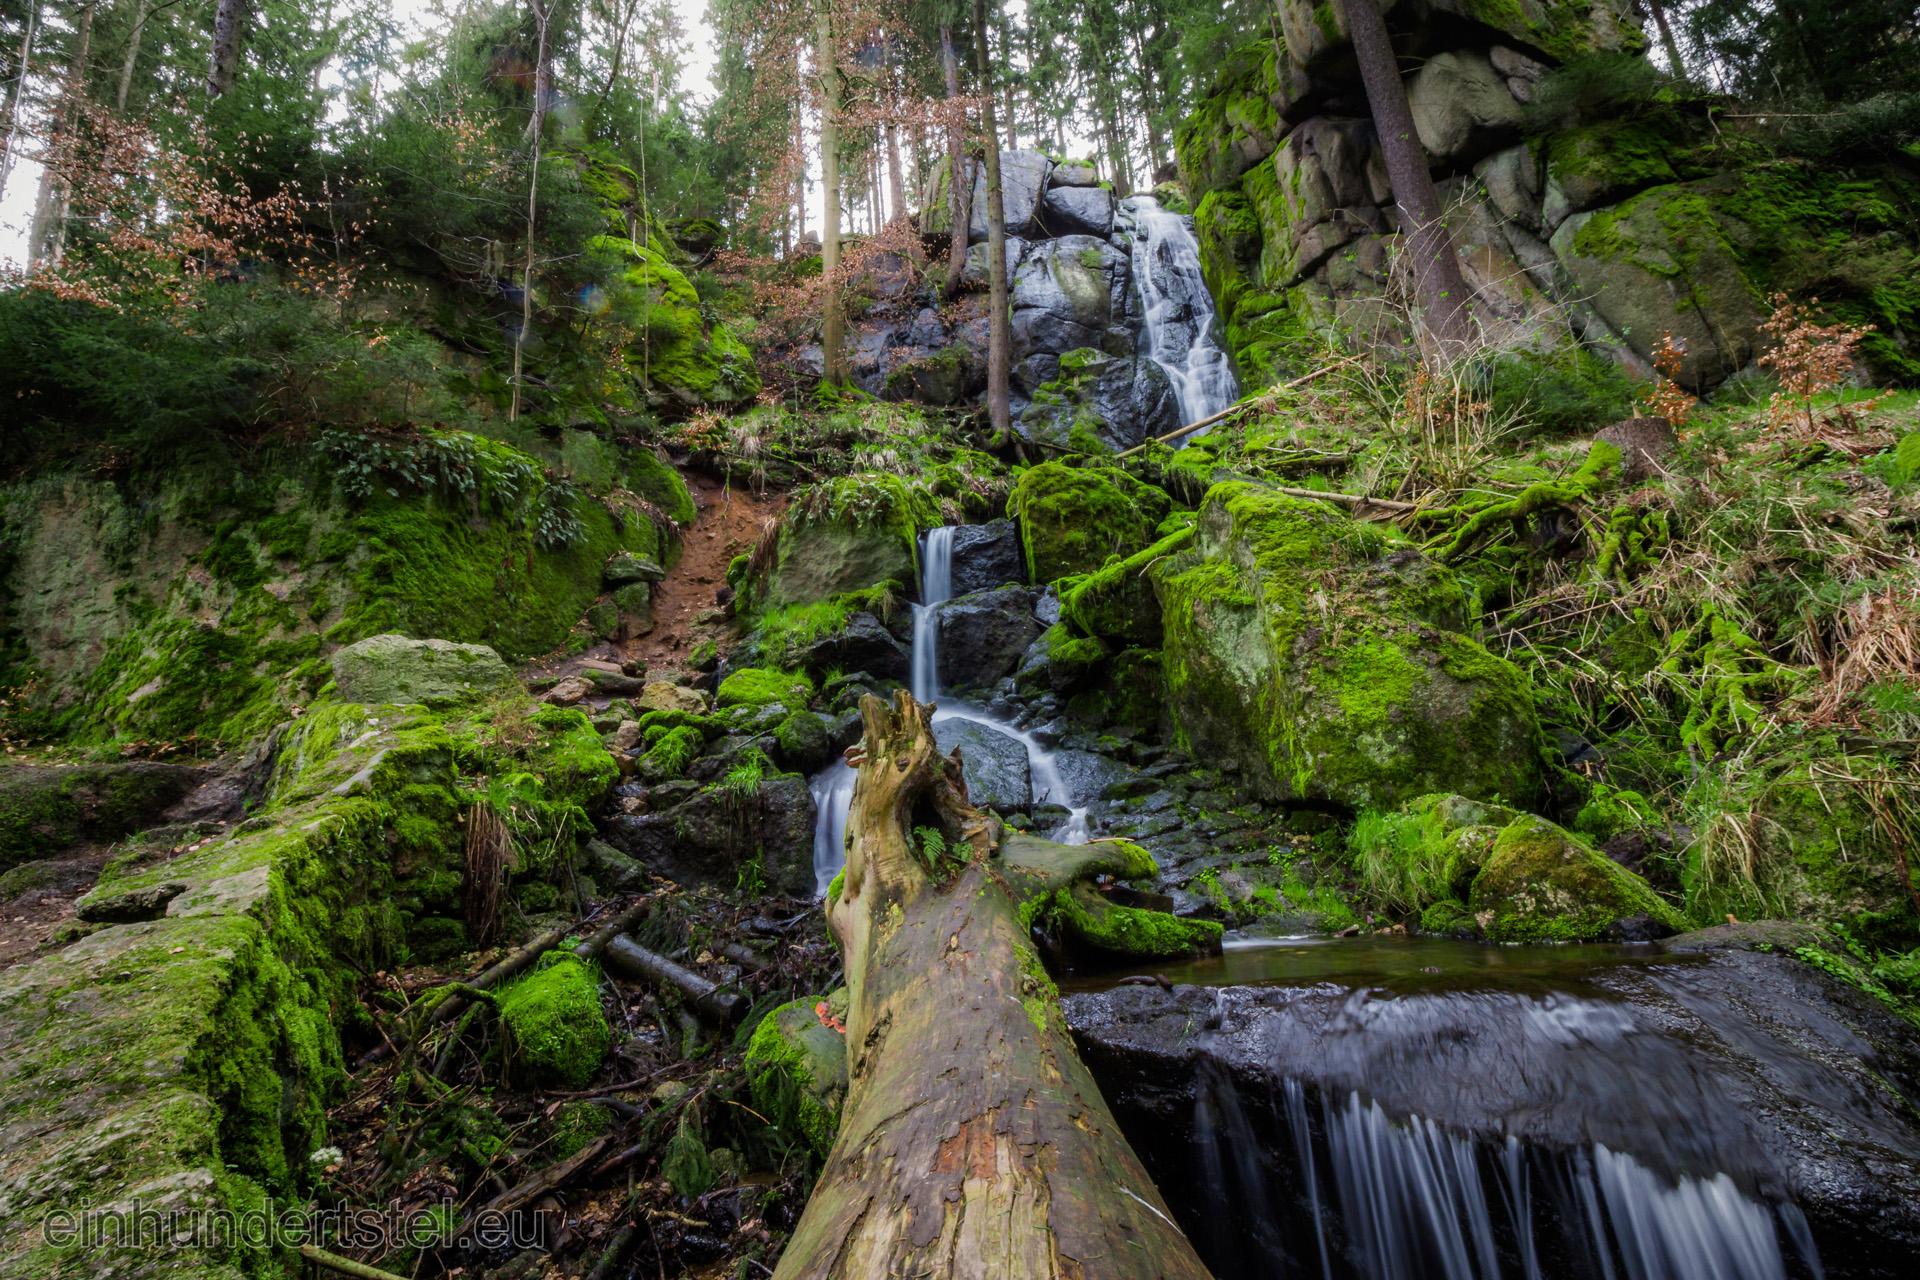 Wasserfall_Blauenthal011 als Smartobjekt-1